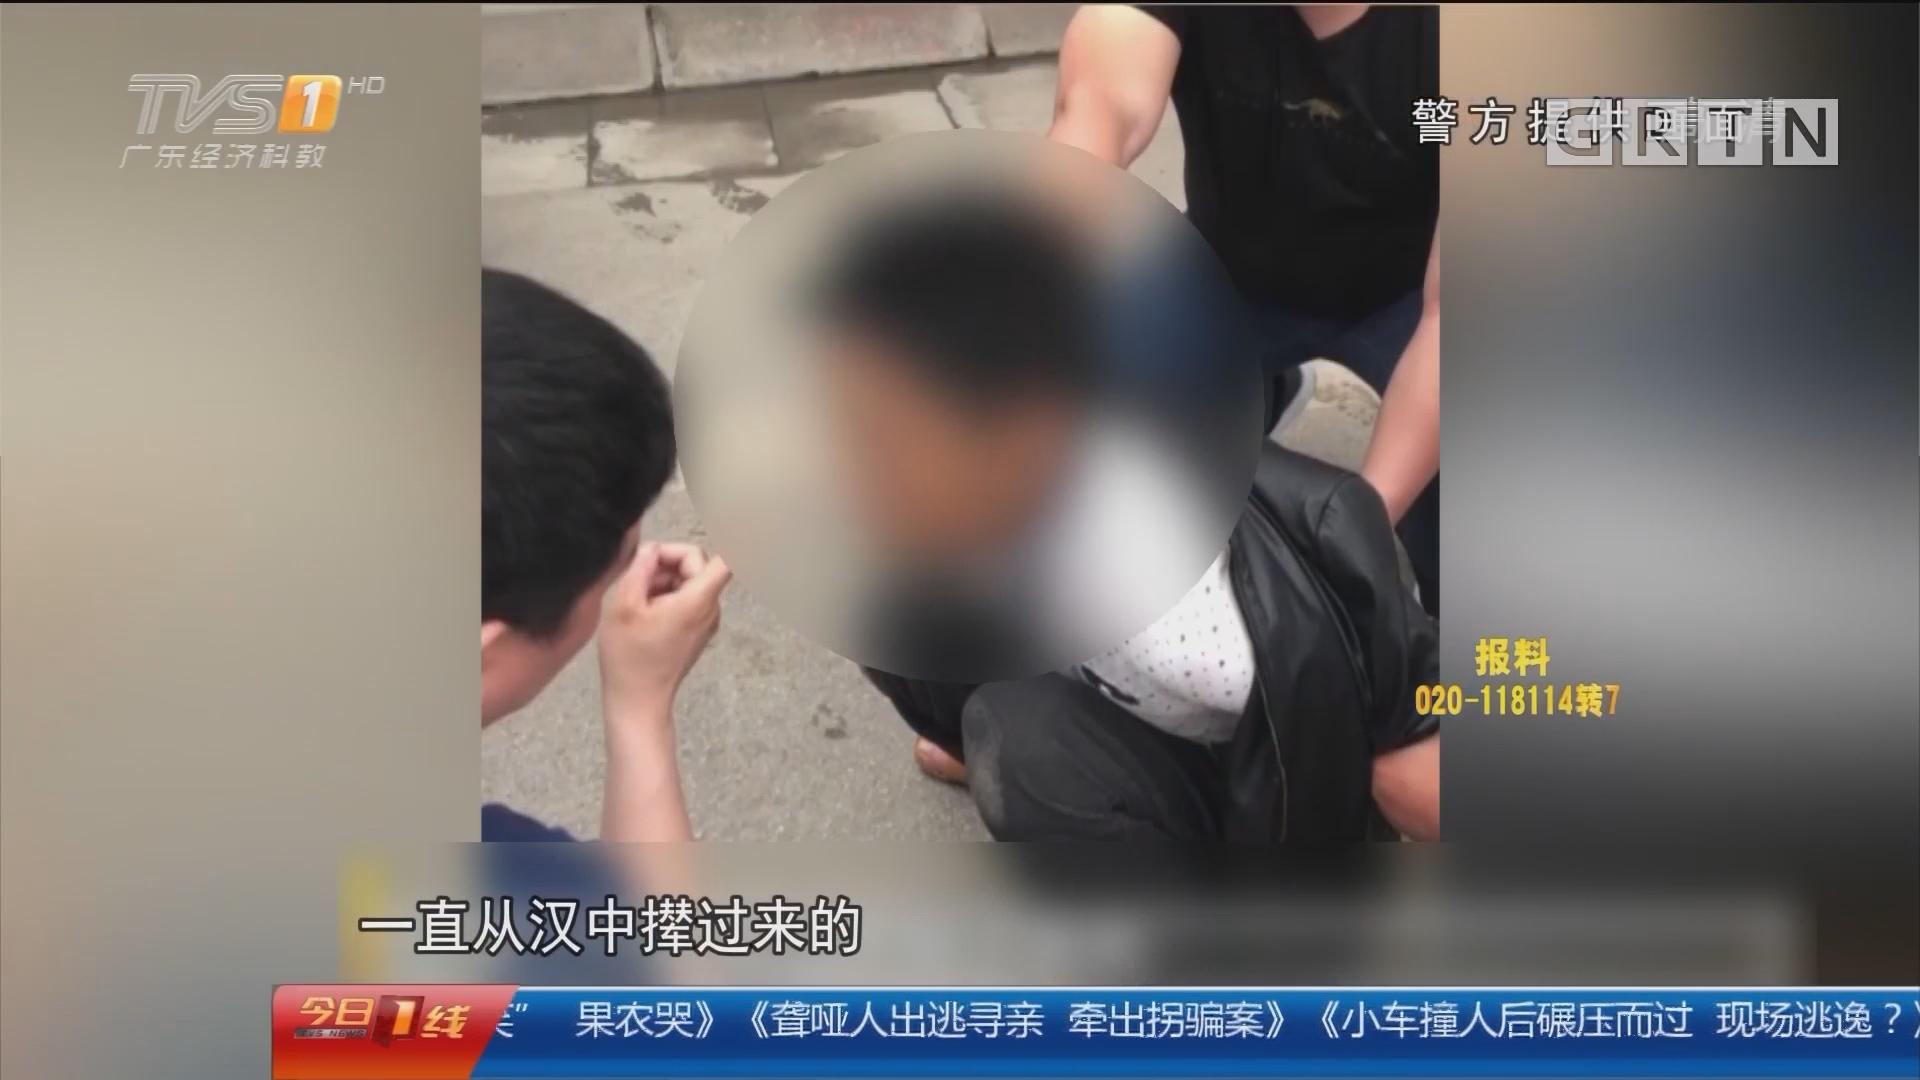 陕西:男子抢劫网约车 欲性侵女司机